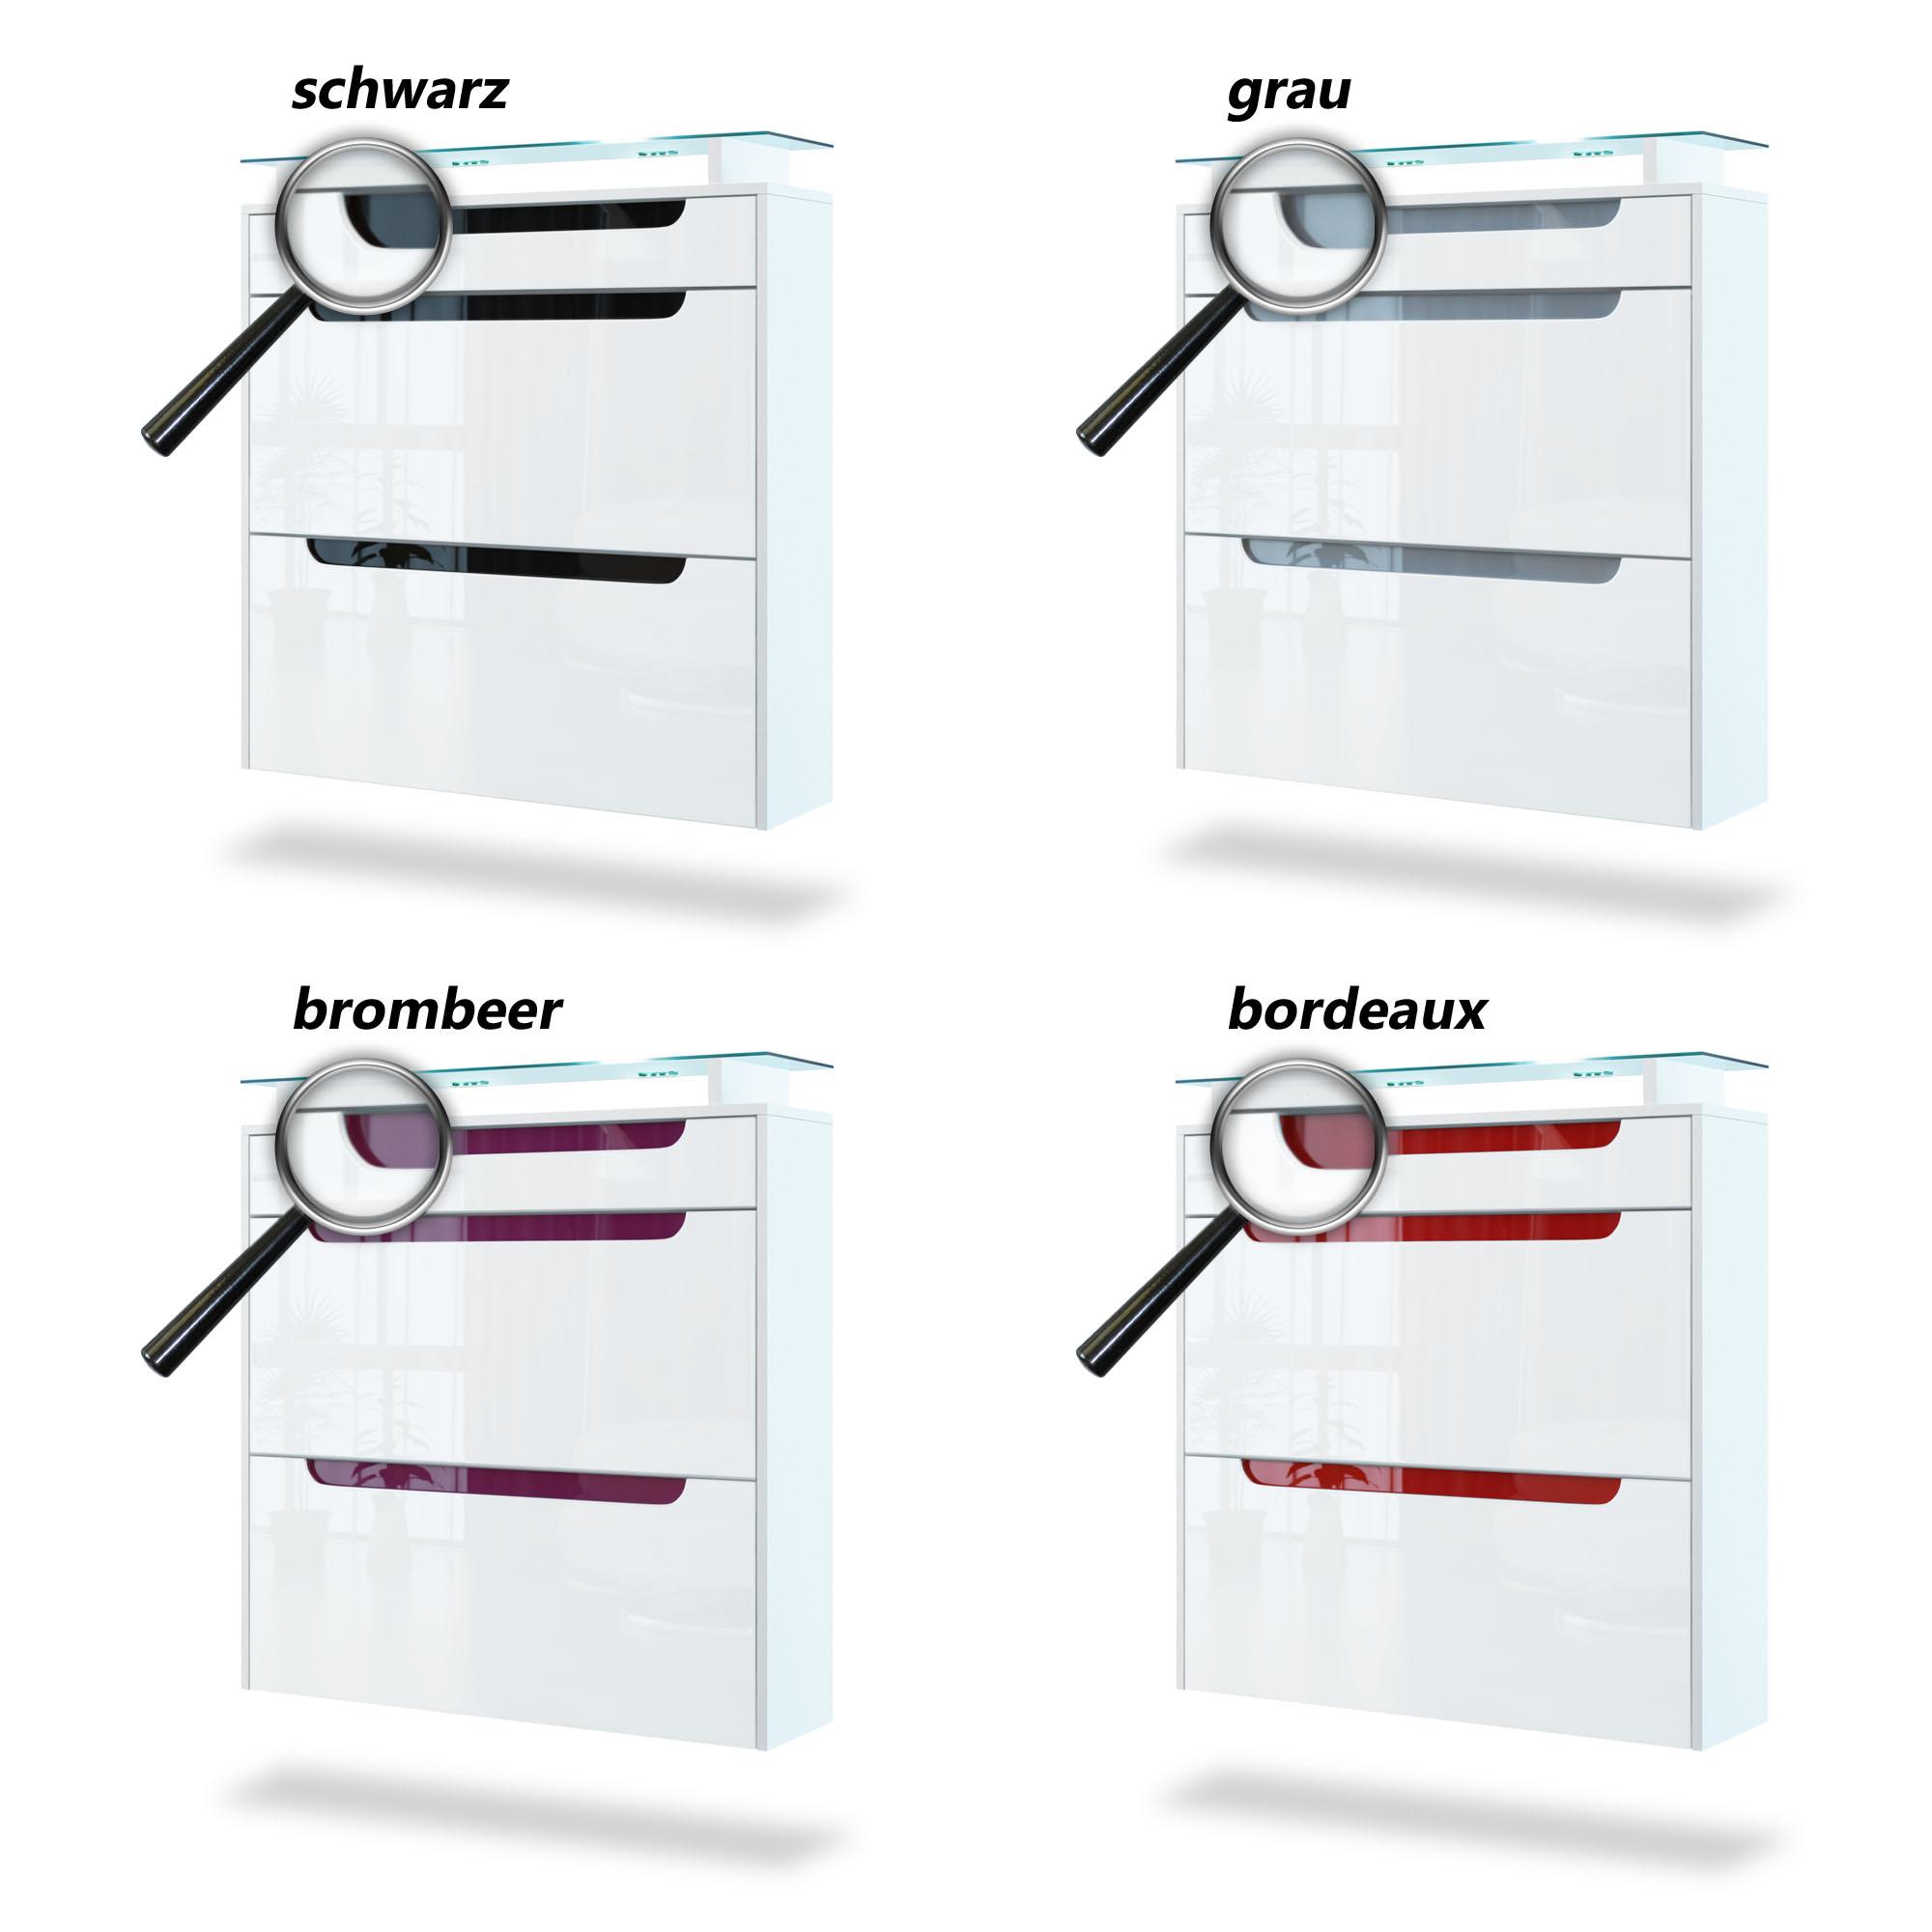 schuhschrank bordeaux hochglanz interessante ideen f r die gestaltung eines. Black Bedroom Furniture Sets. Home Design Ideas